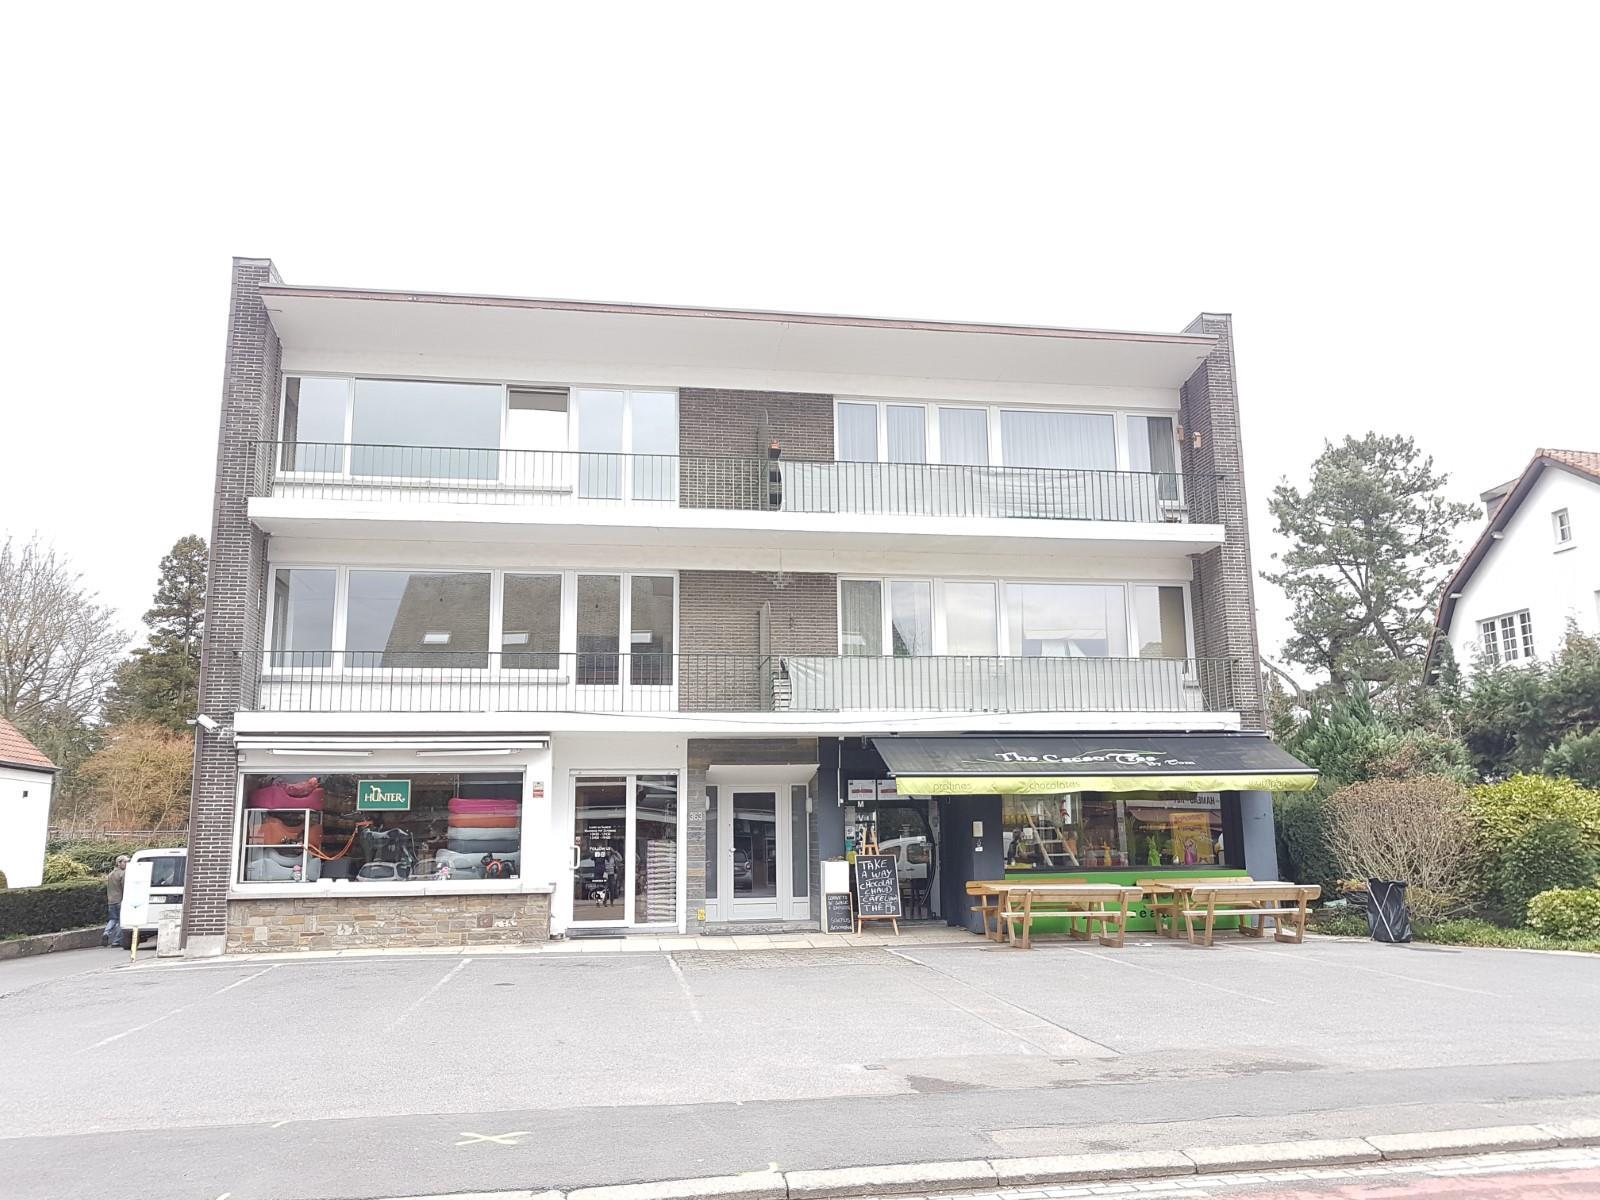 Appartement - Rhode-Saint-Genèse - #4185053-24